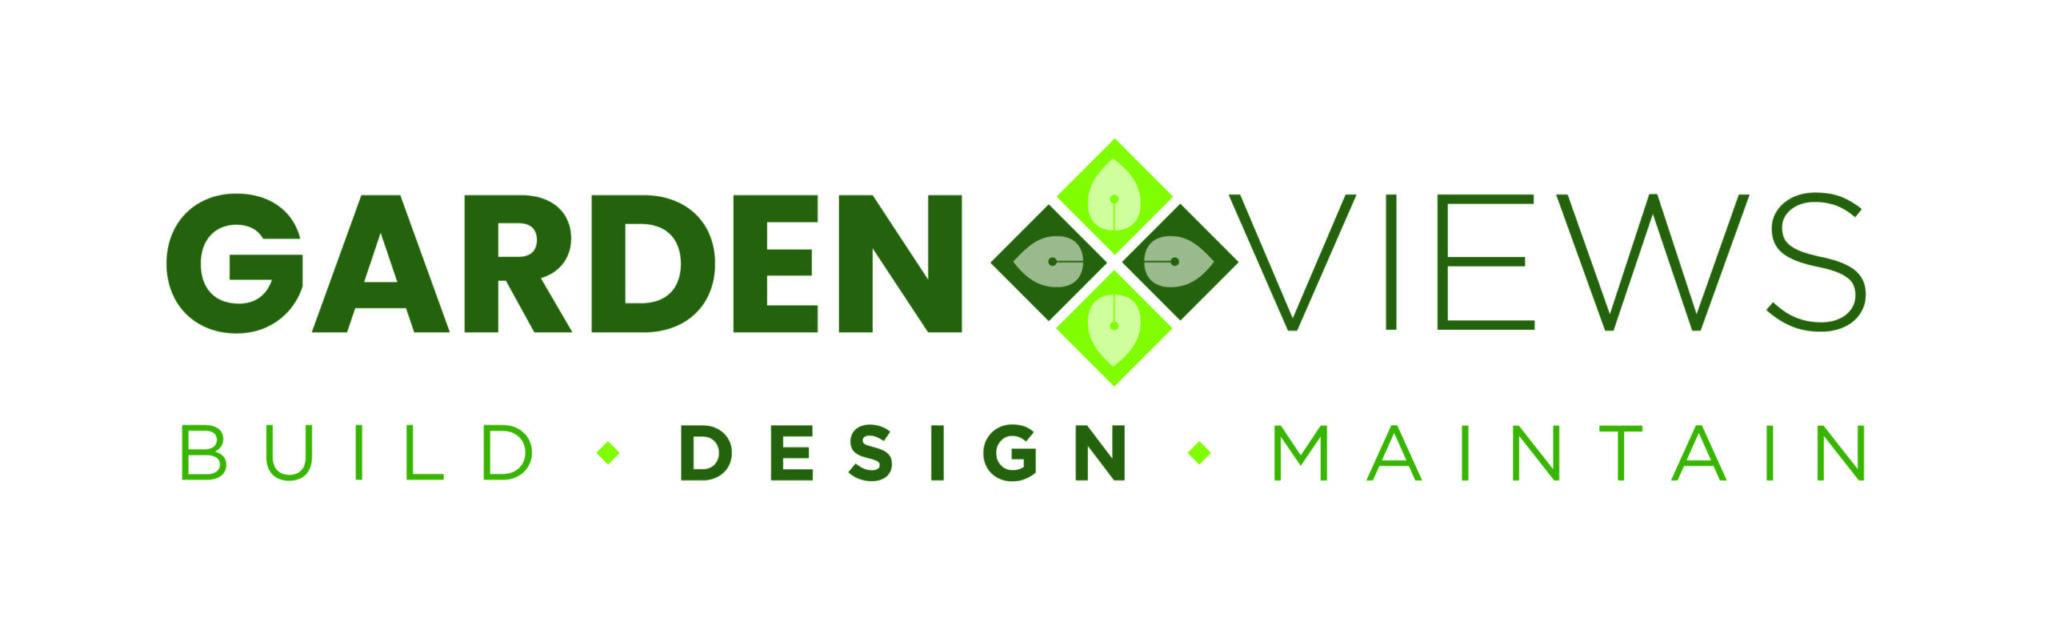 Garden Views Landscaping LLC